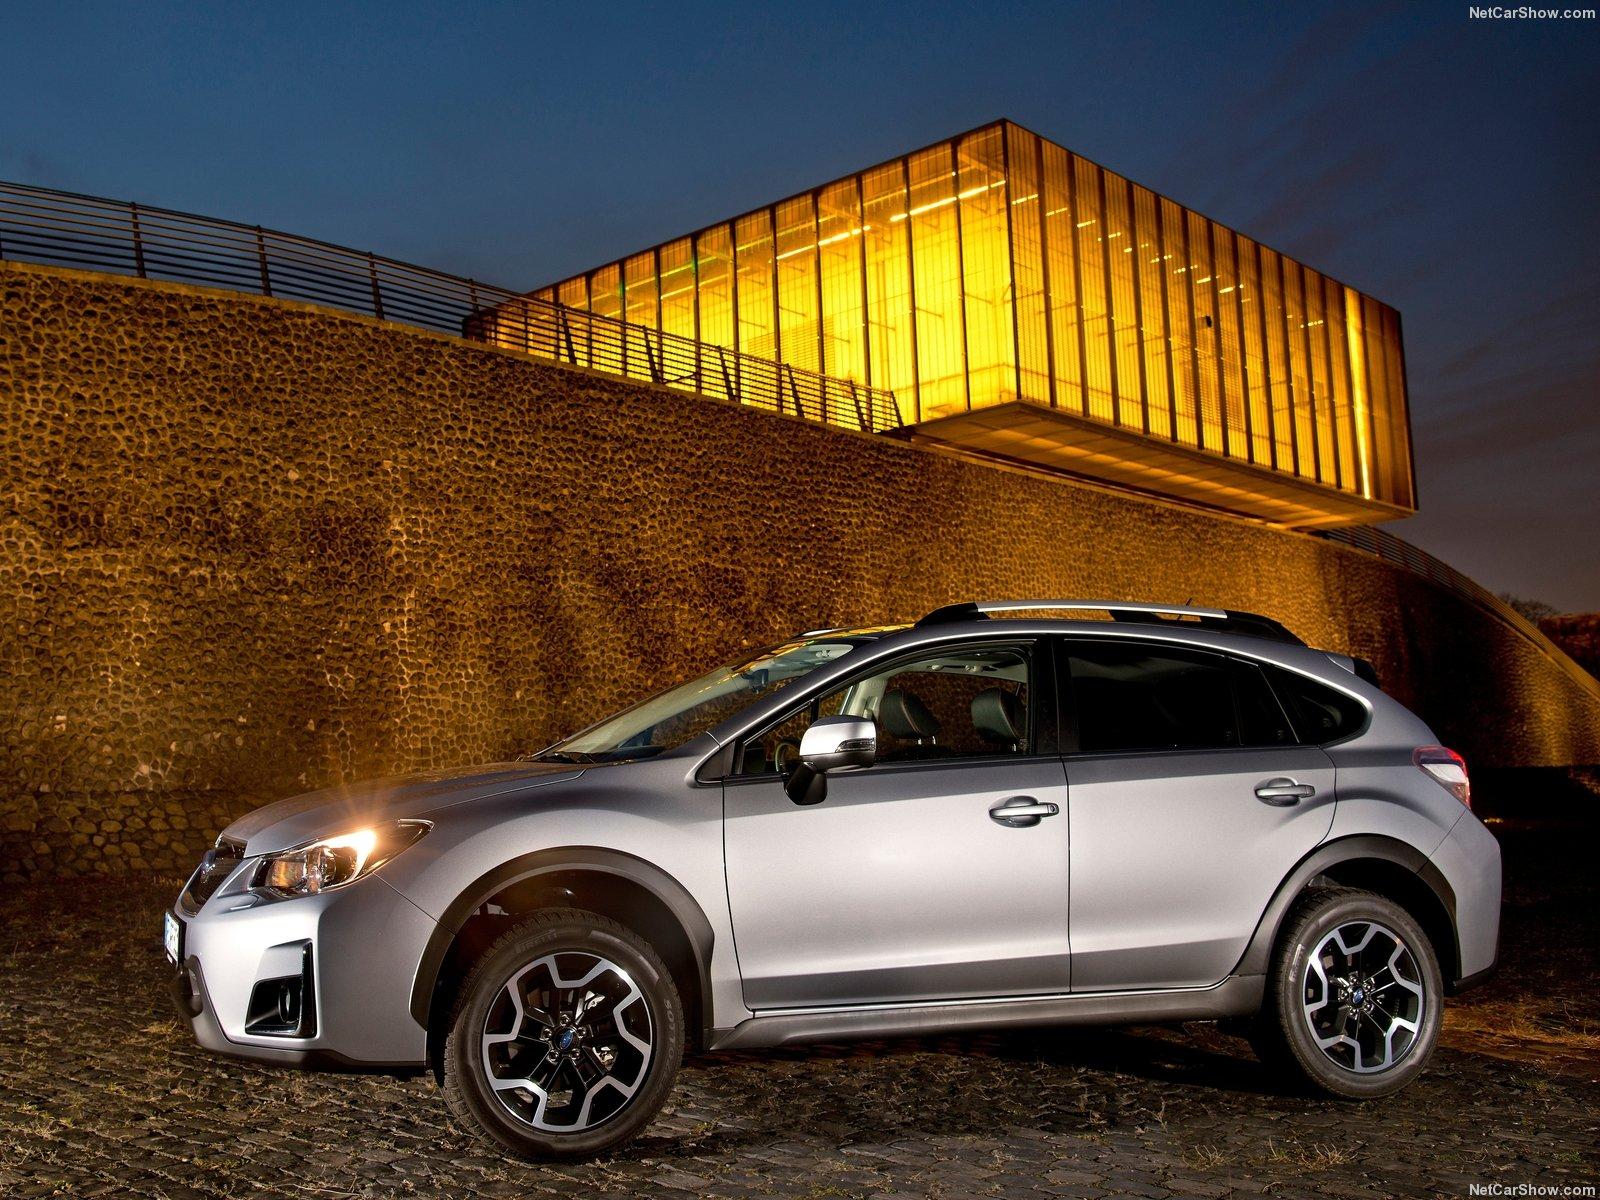 Subaru XV 2019 - компактный внедорожник, который после рестайлинга получил новый функционал